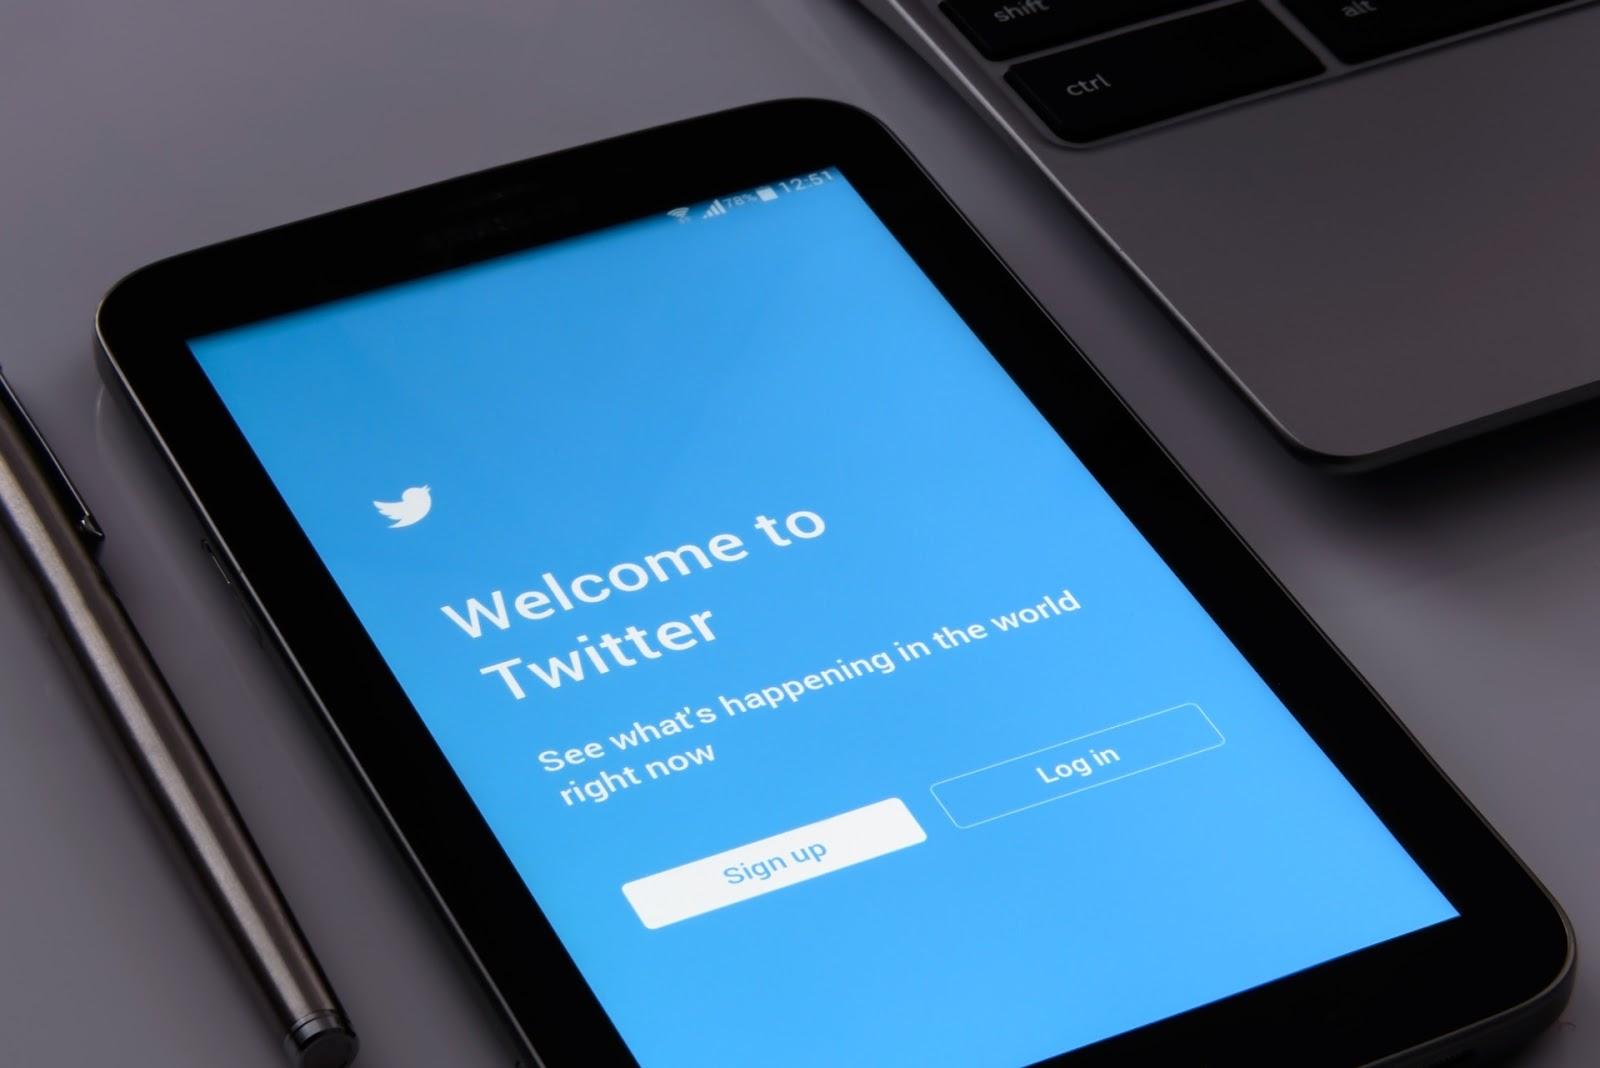 Cara Cepat Menghapus Semua Like (Unlike) di Twitter Secara Otomatis